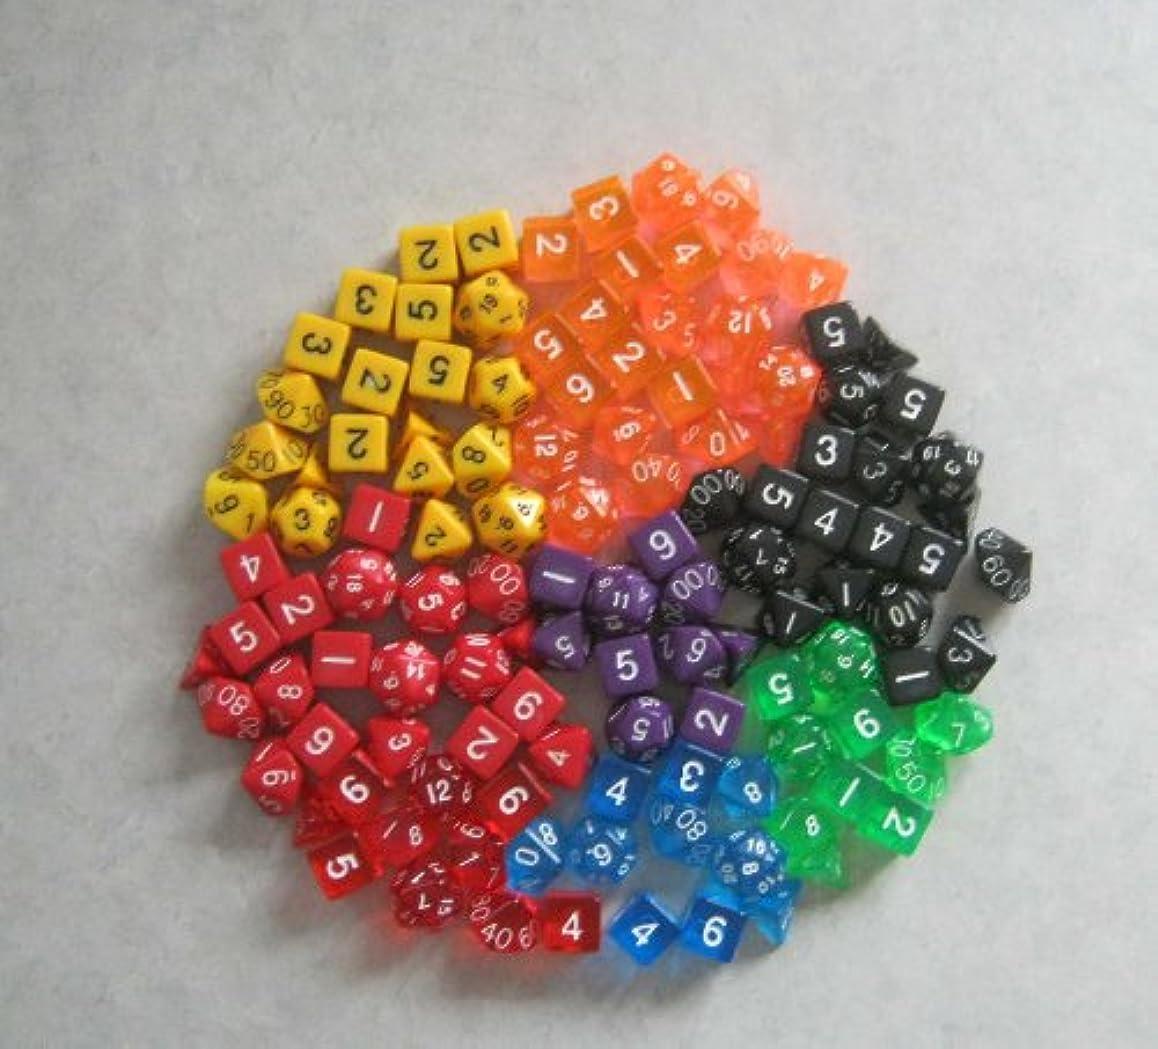 そっとインストール奇跡12 xのセット10 Polyhedral Dice : Over aポンドのRPG / D & Dダイス